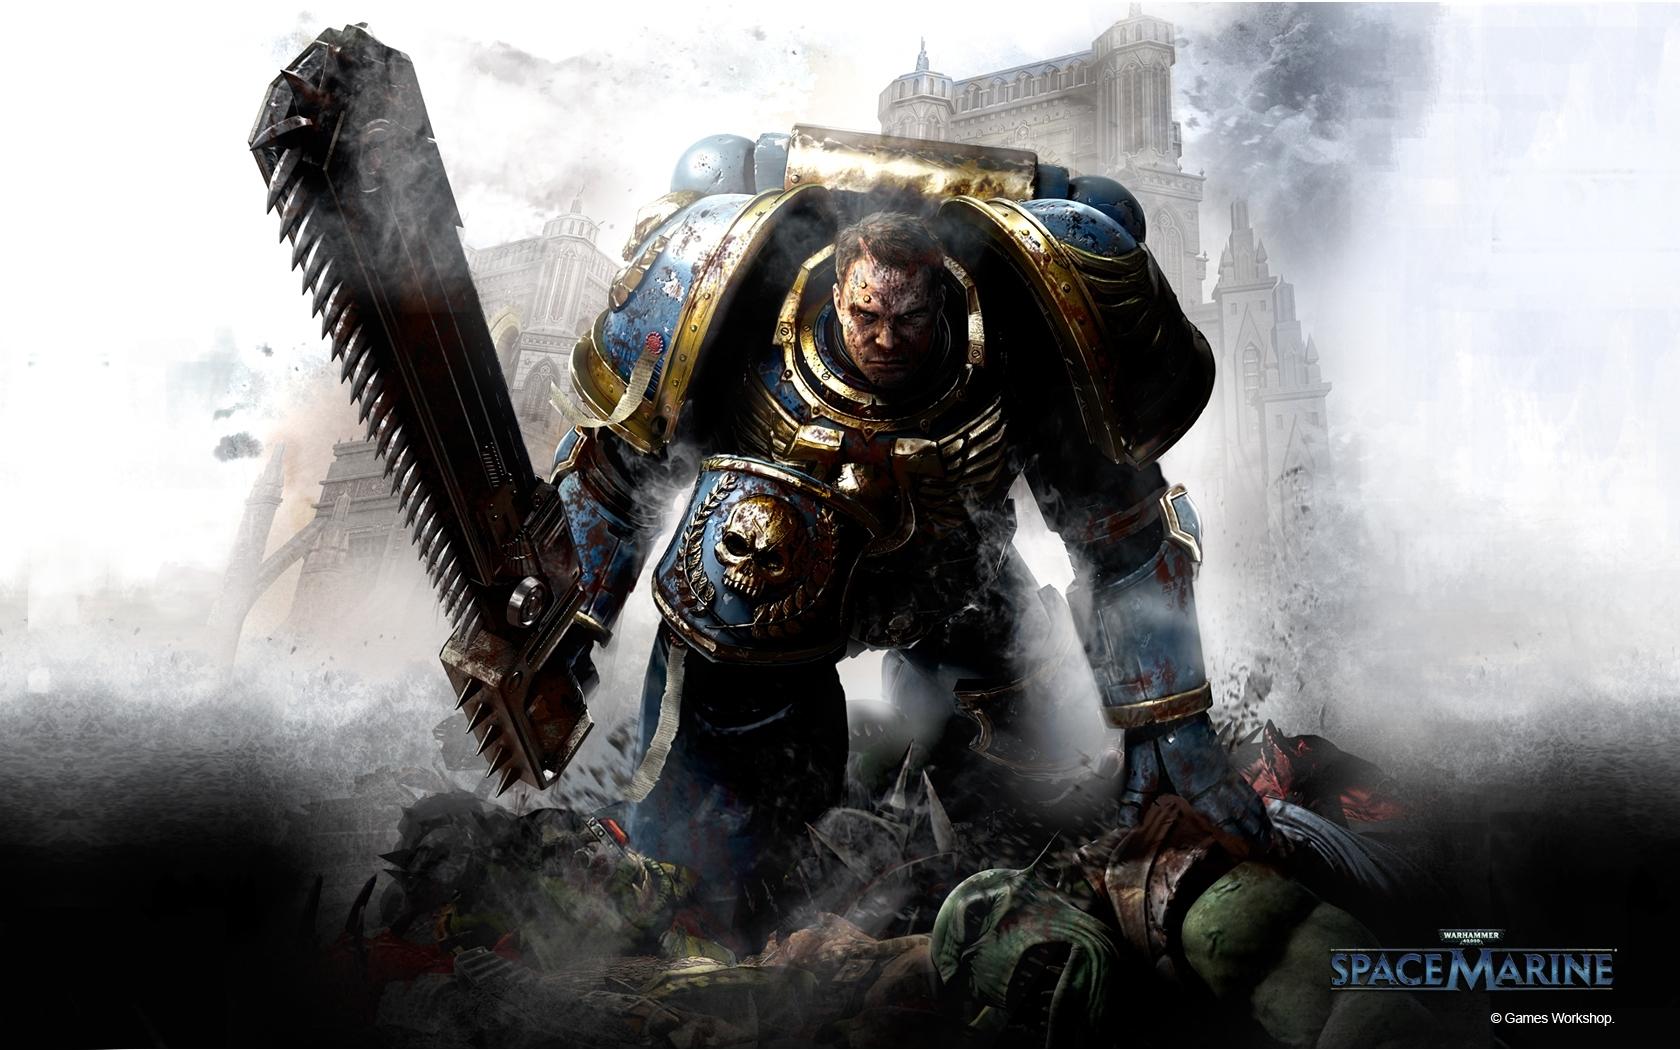 warhammer 40k space marine wallpaper #4407 wallpaper | game